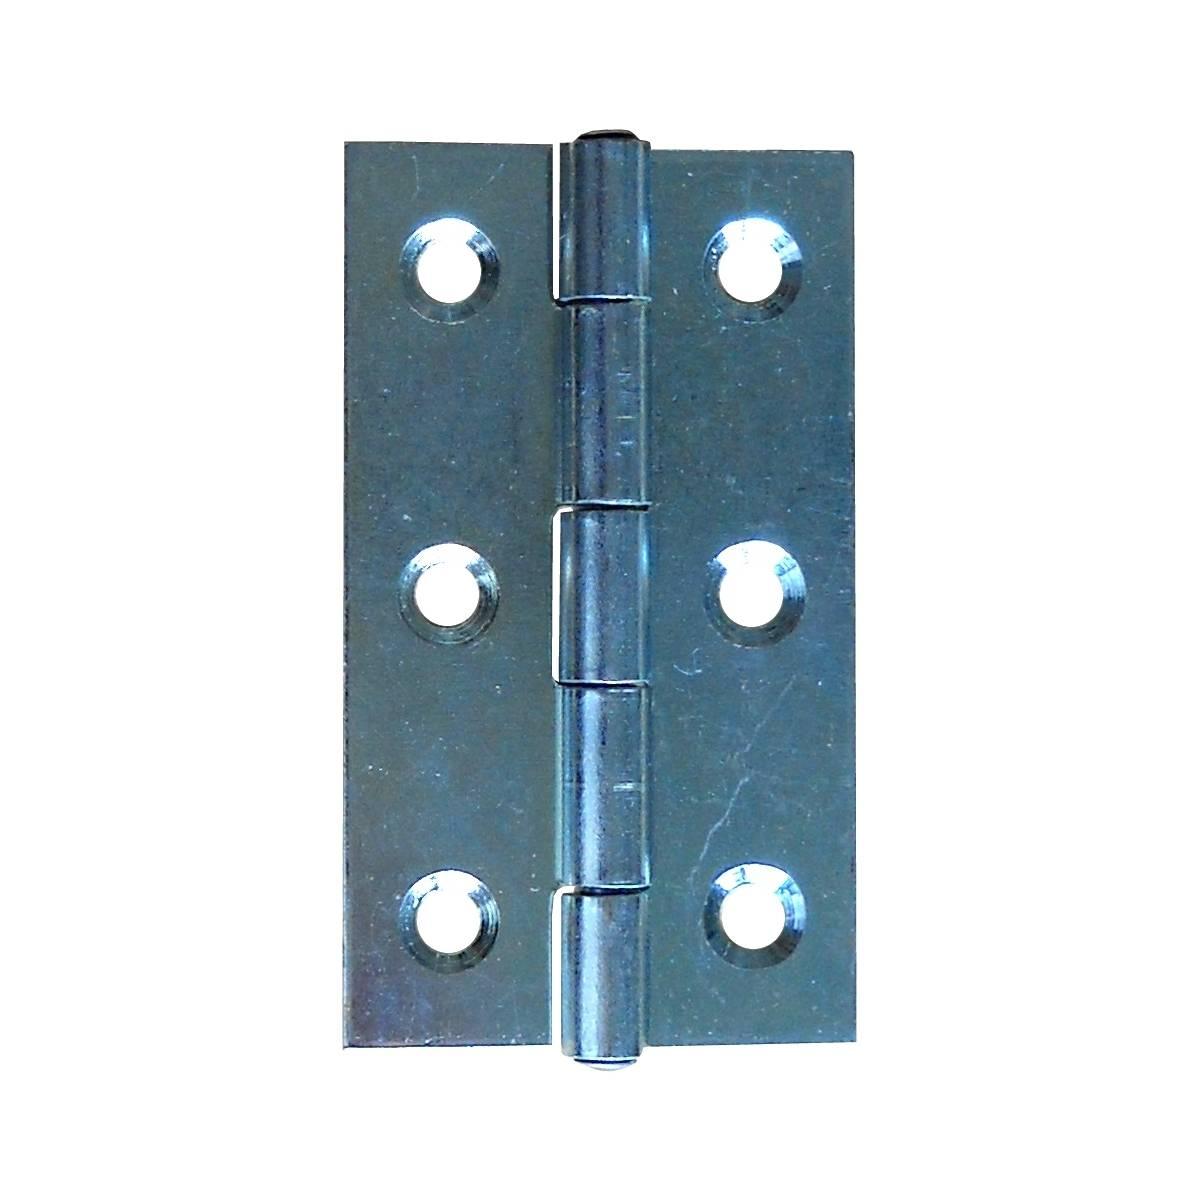 Scharnier vz 70 x 38 x 1,5 mm / Pck a 2 Stück